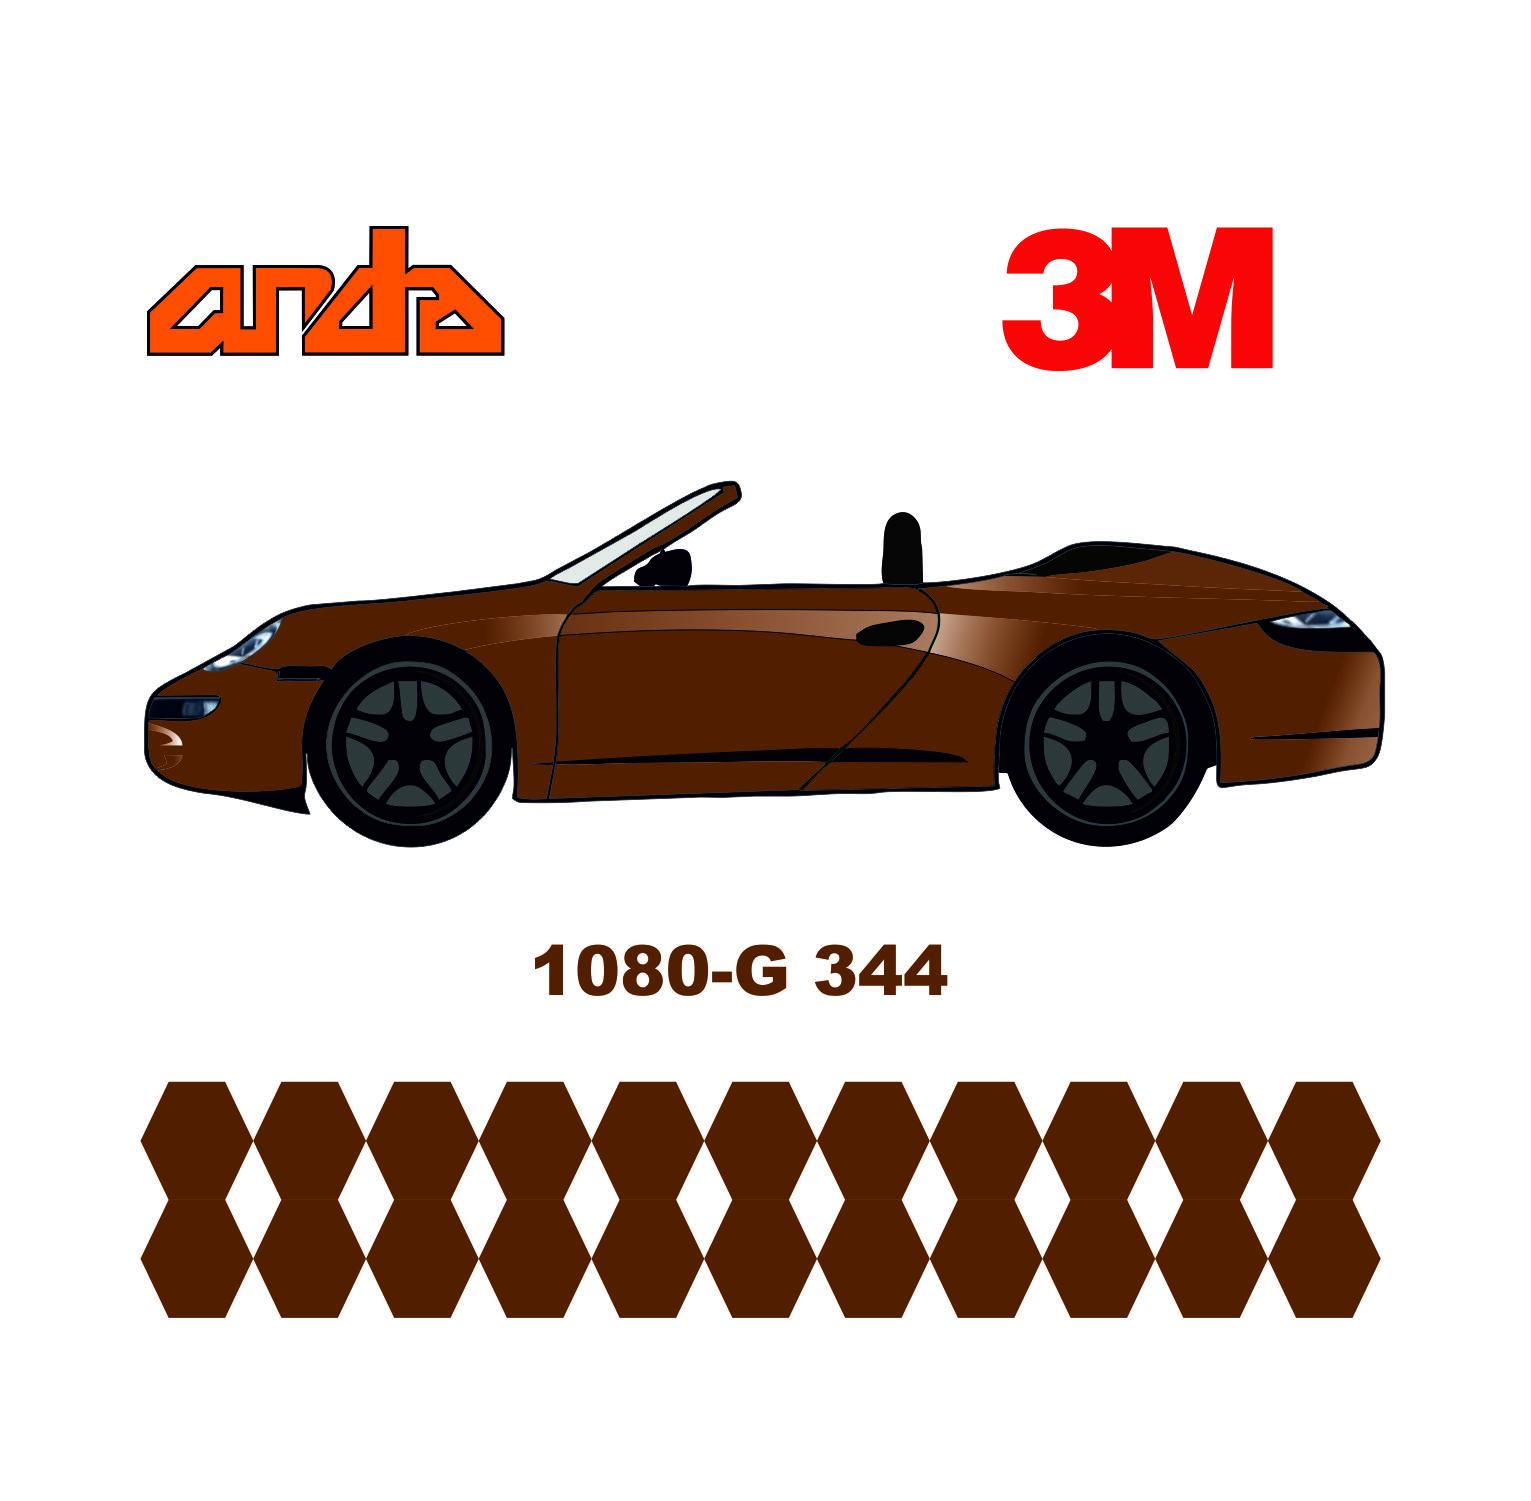 3M 1080-G344 Parlak Metalik Bronz 1